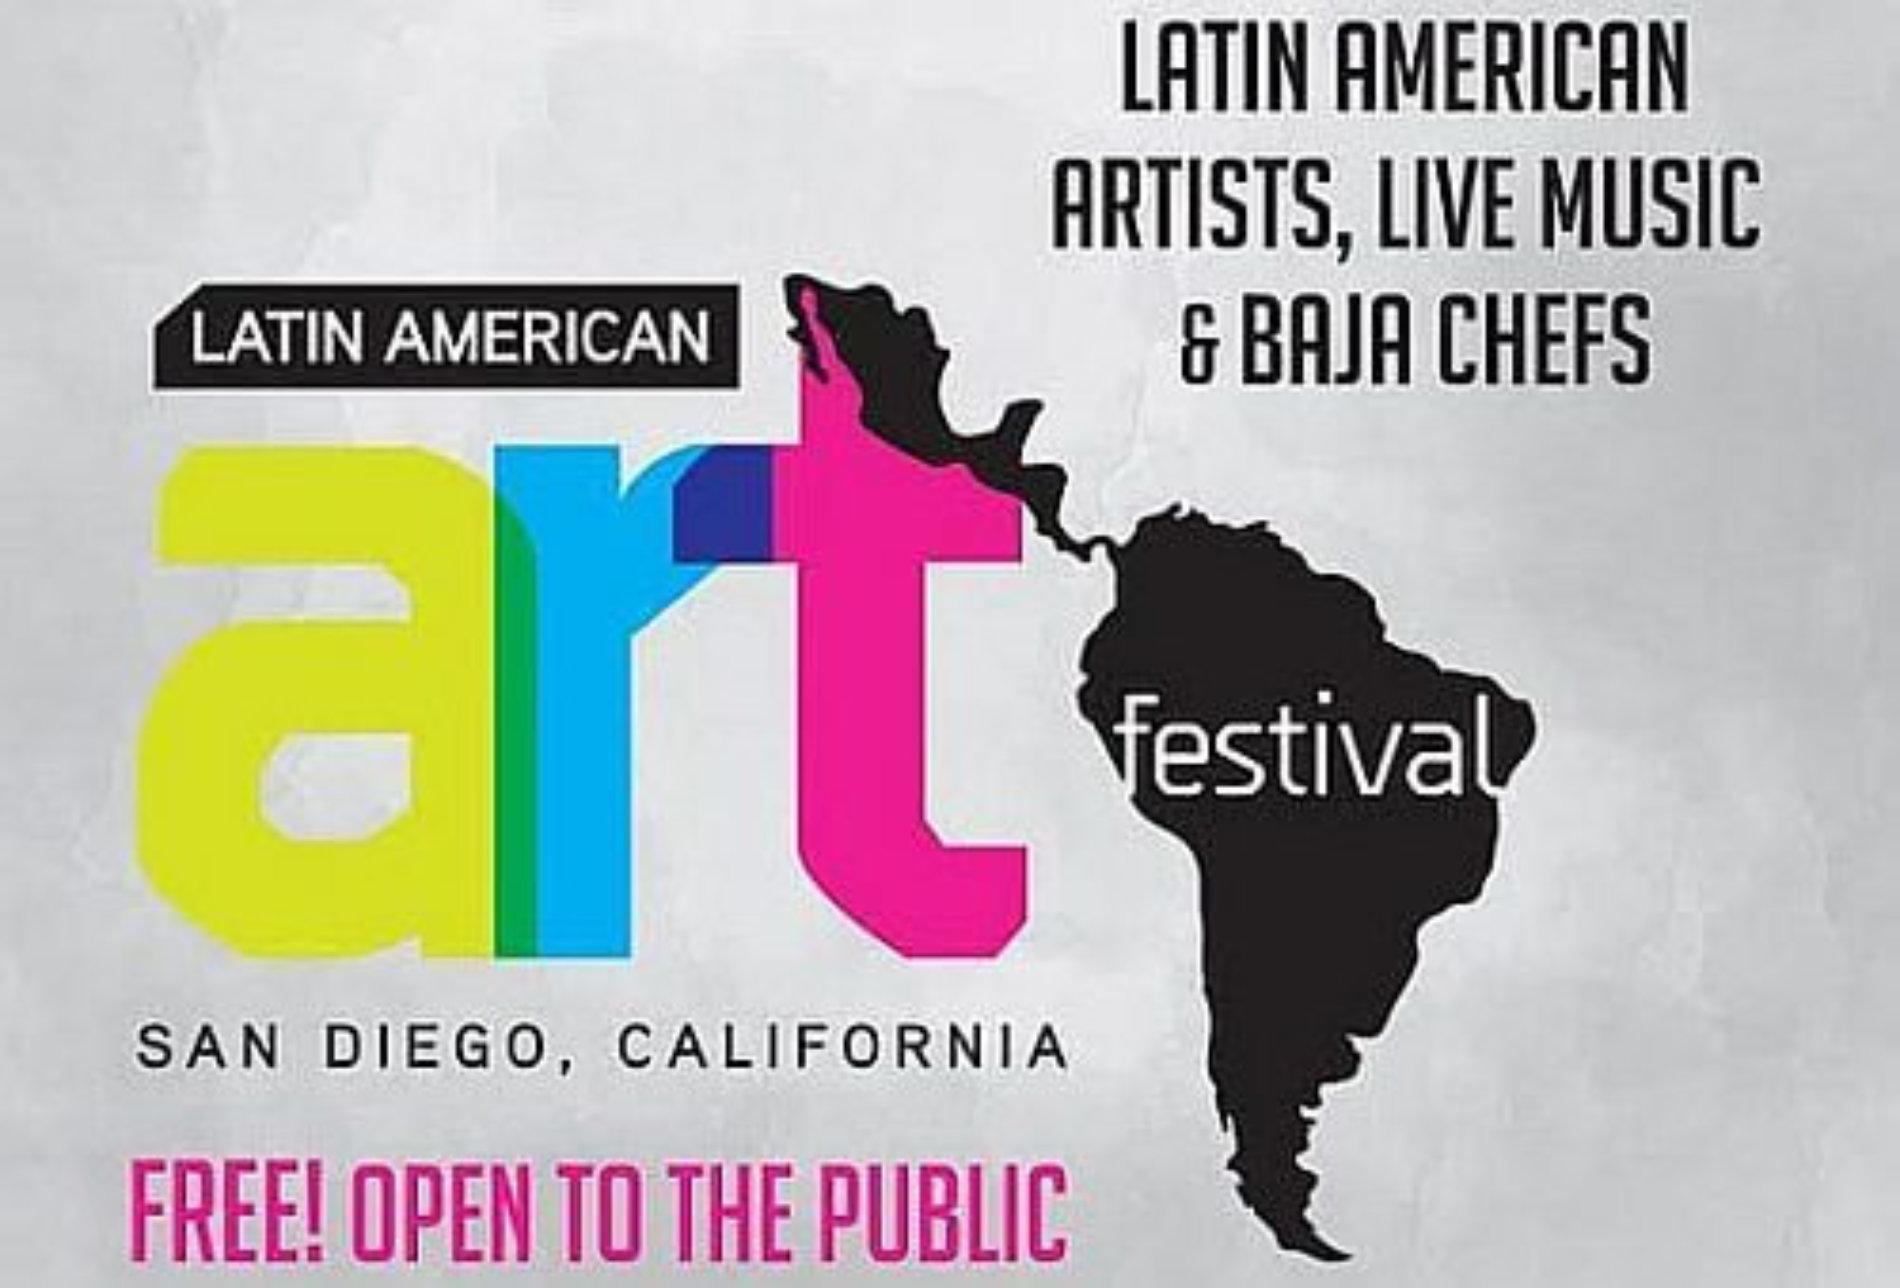 Invitacion al Latin American Art Festival